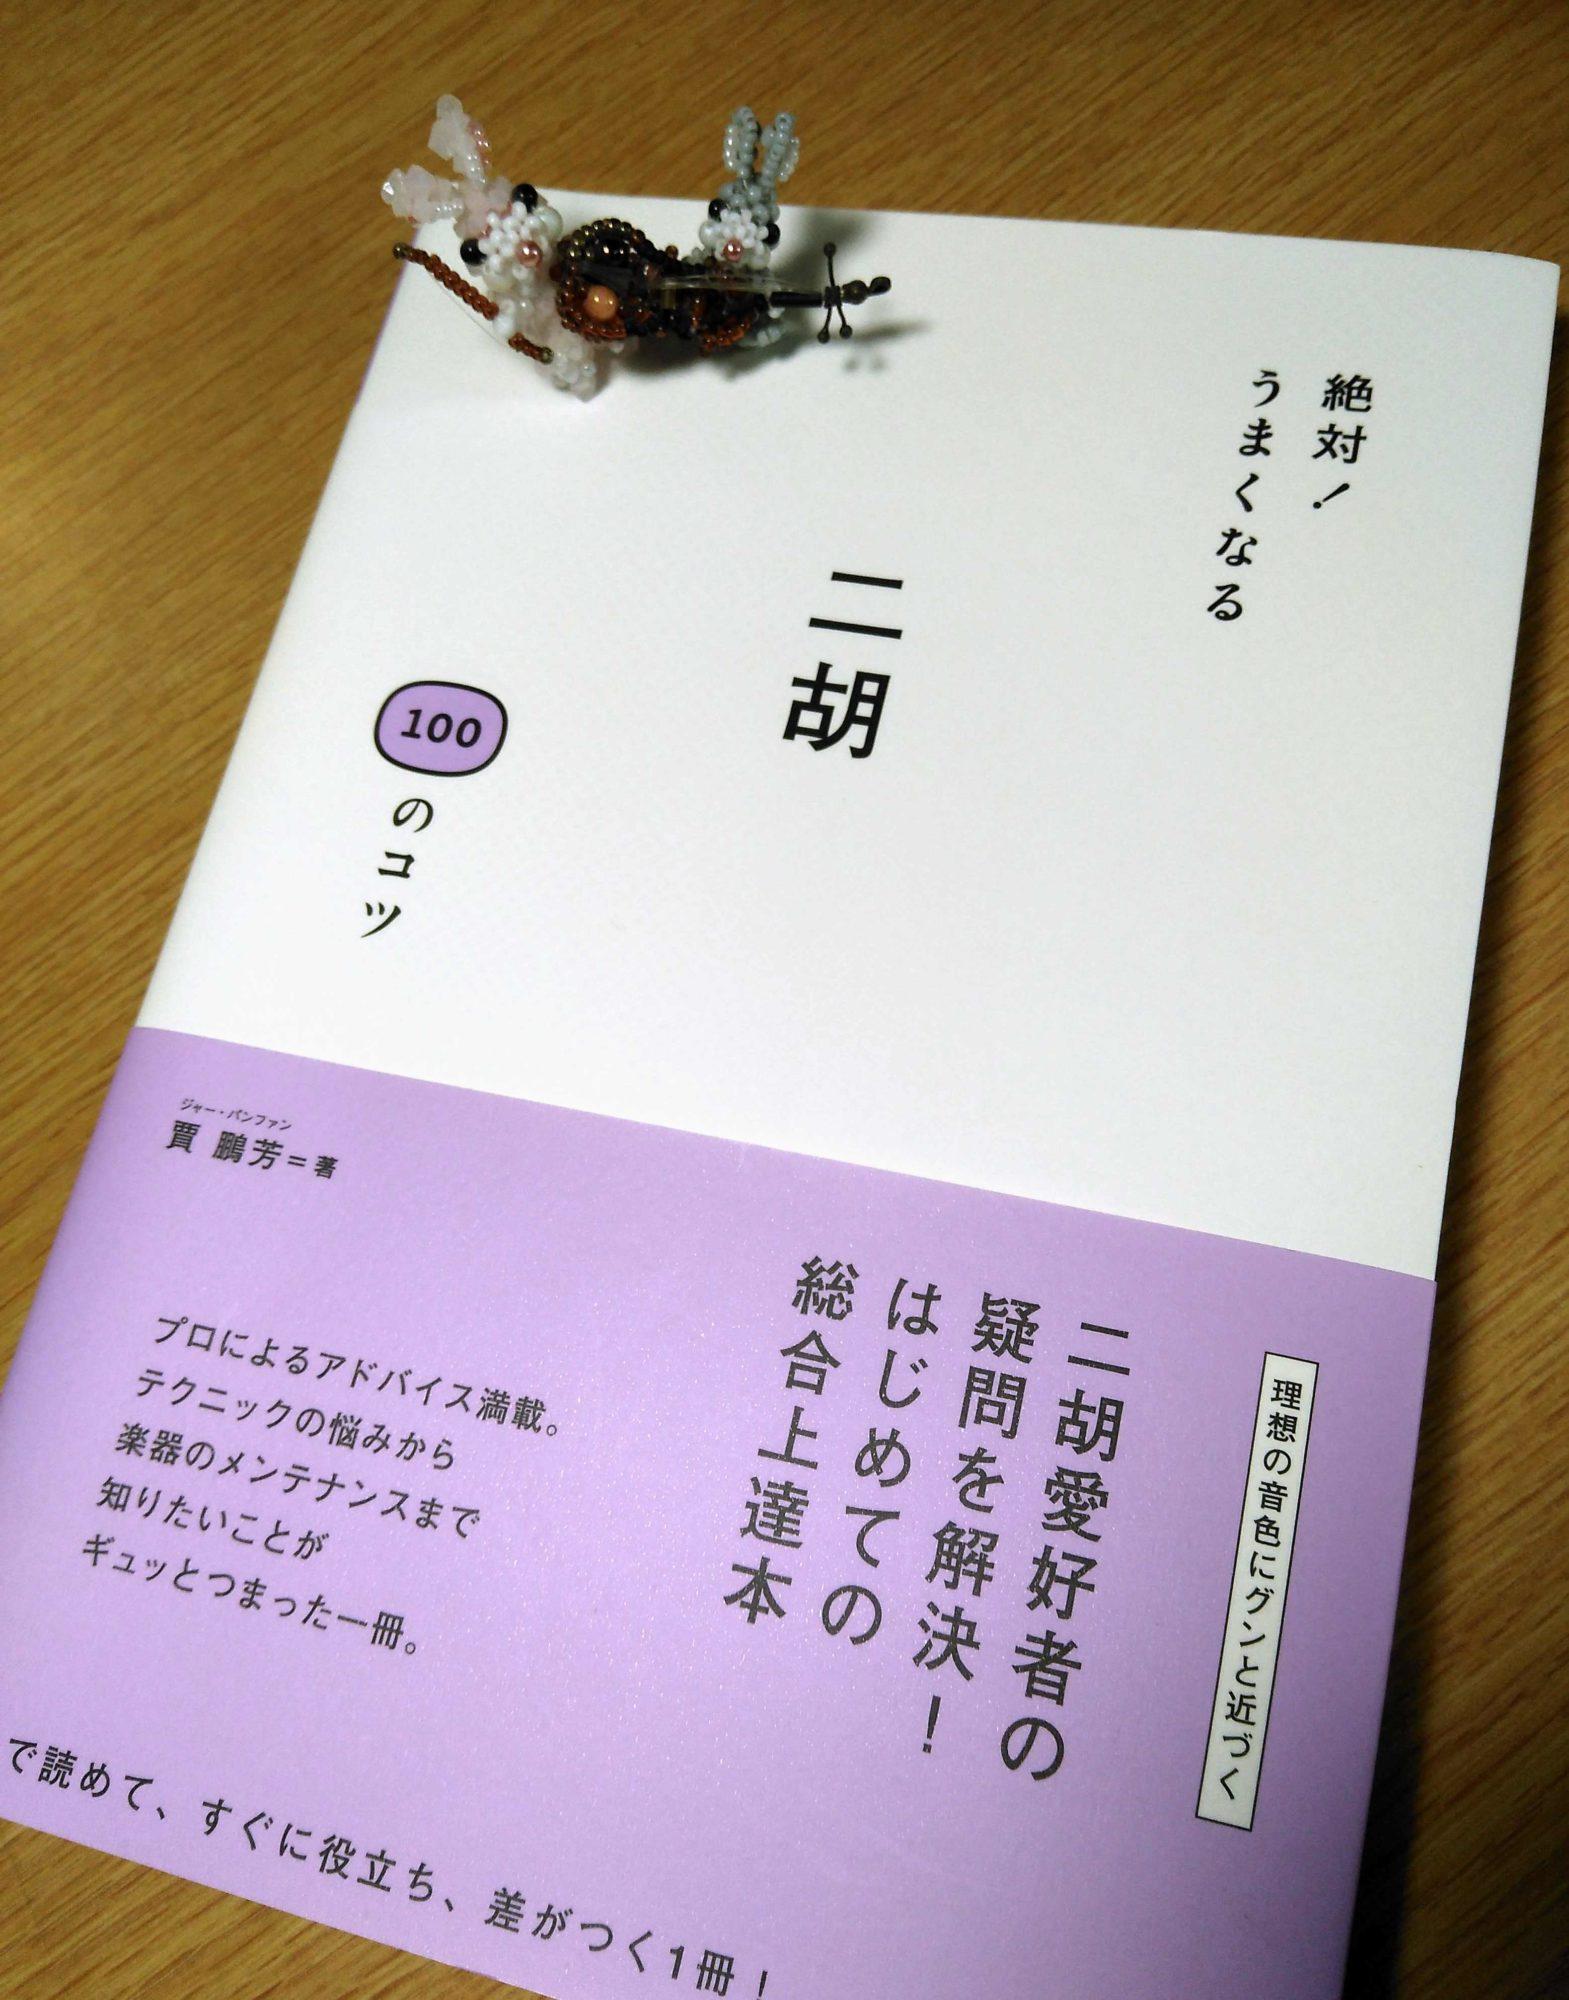 「絶対!うまくなる二胡100のコツ」(ジャー・パンファン著)